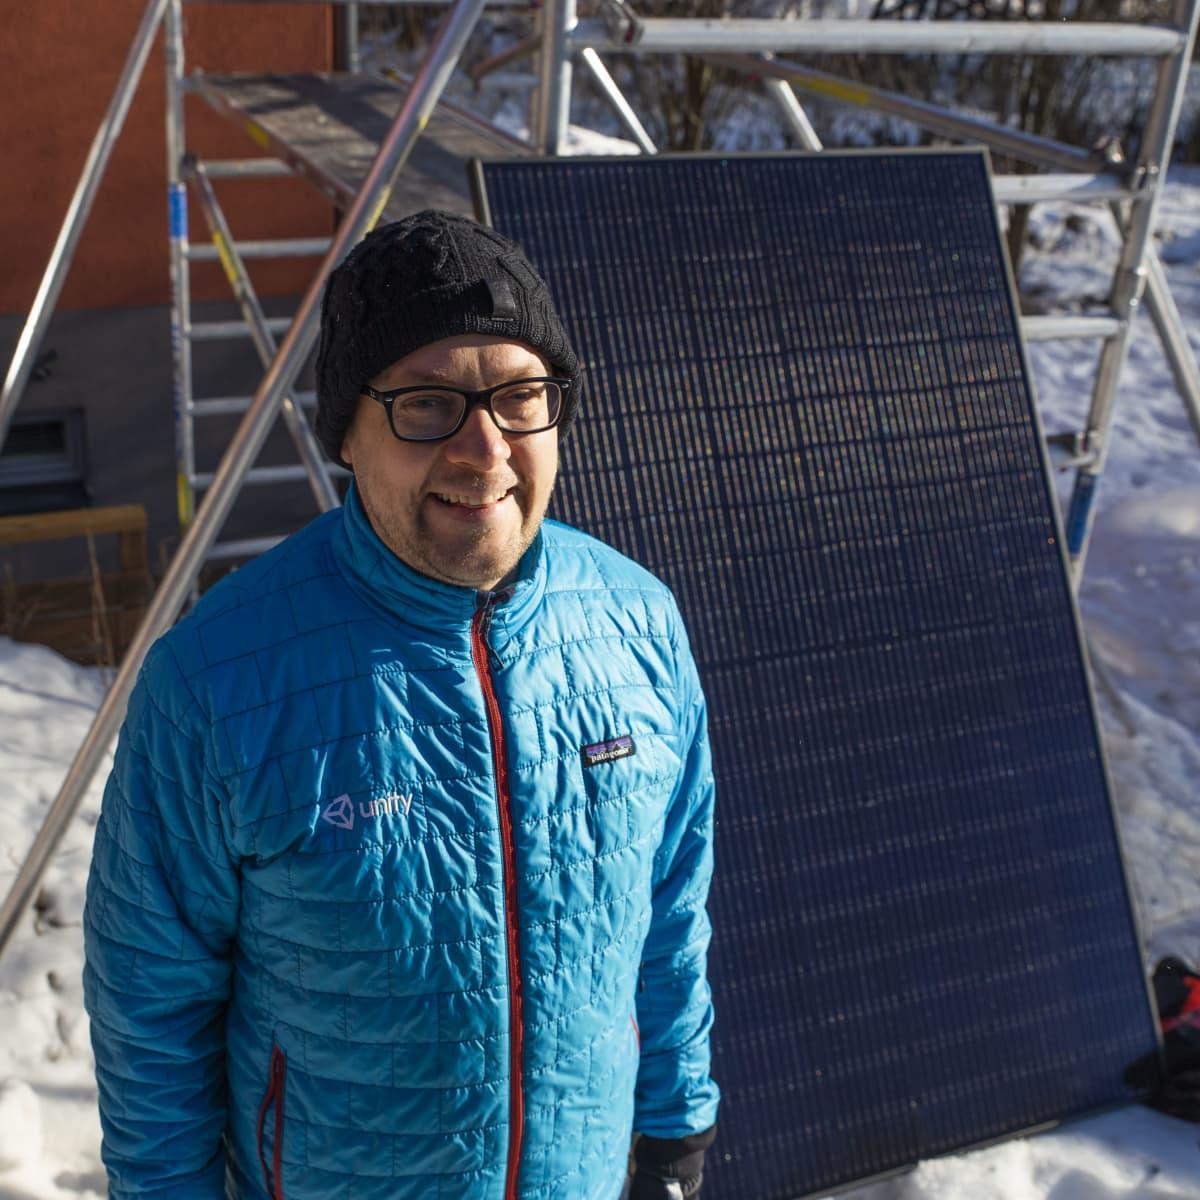 Aurinkopaneelit talonsa katolle hankkinut Helsinkiläinen Ville Vadén.